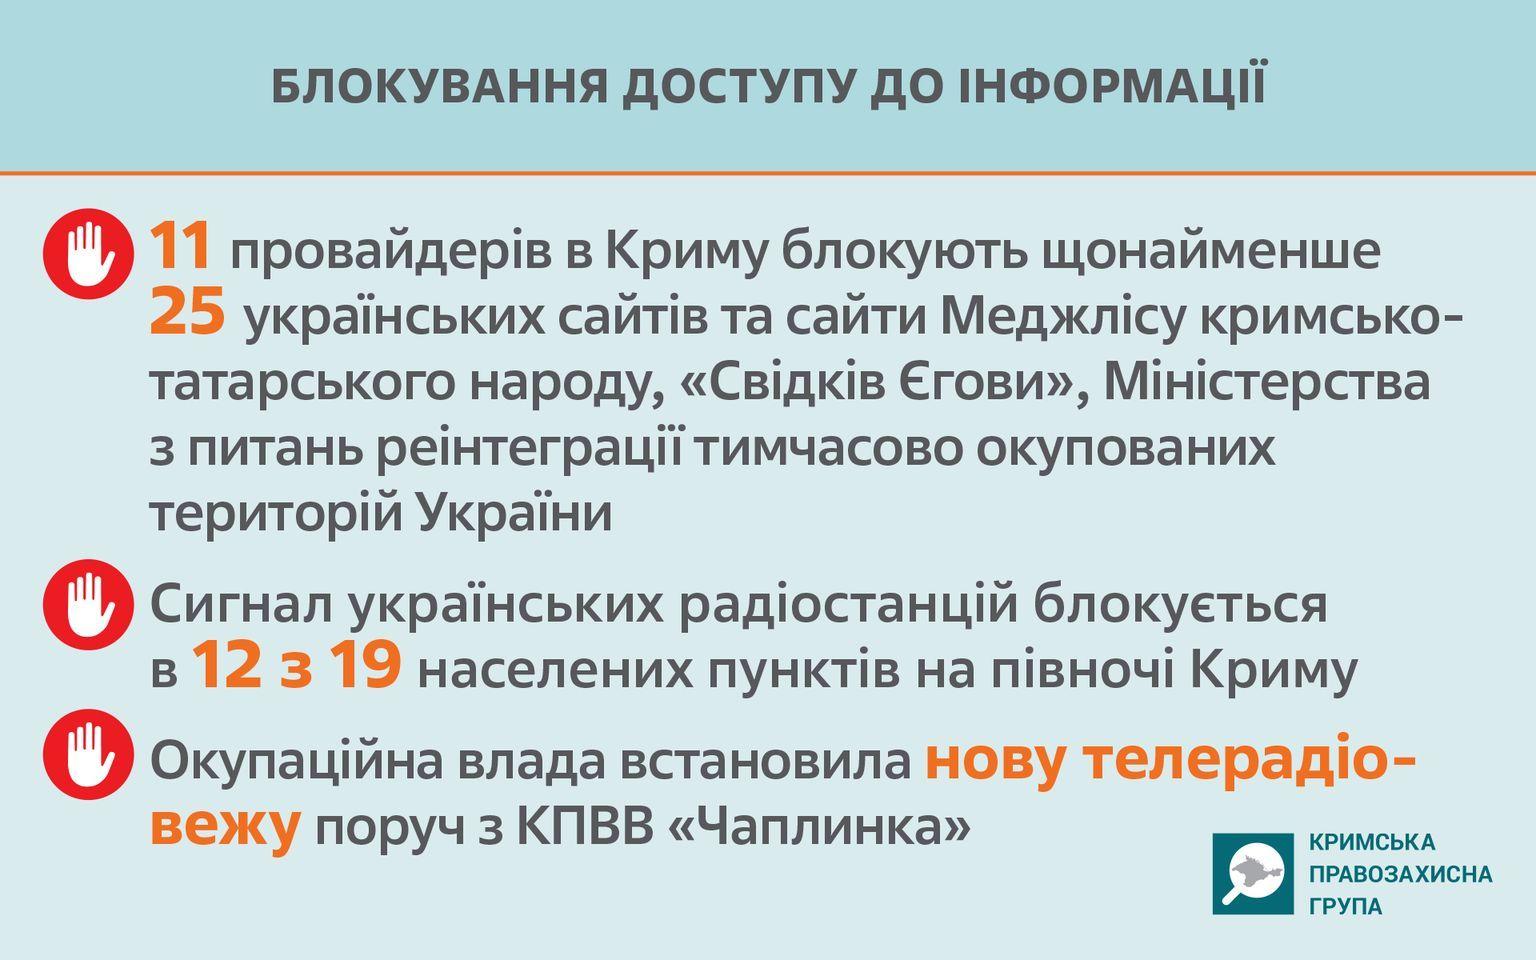 Блокування доступу до інформації в окупованому Криму